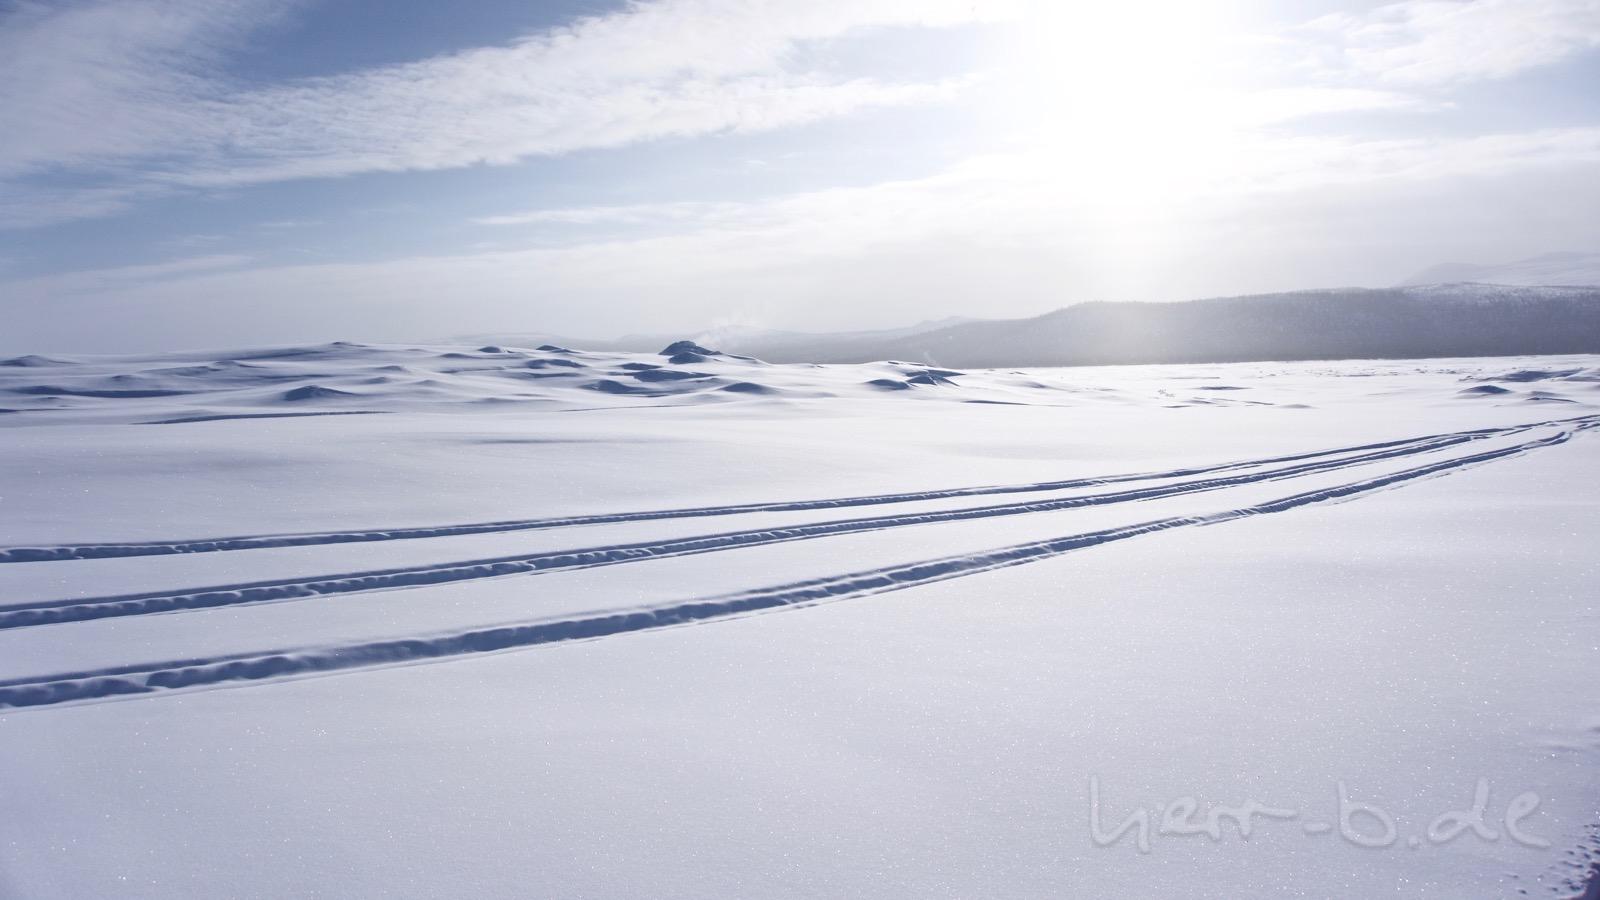 Dampfende Löcher im Eis auf dem Stausee Tjaktjajaure.